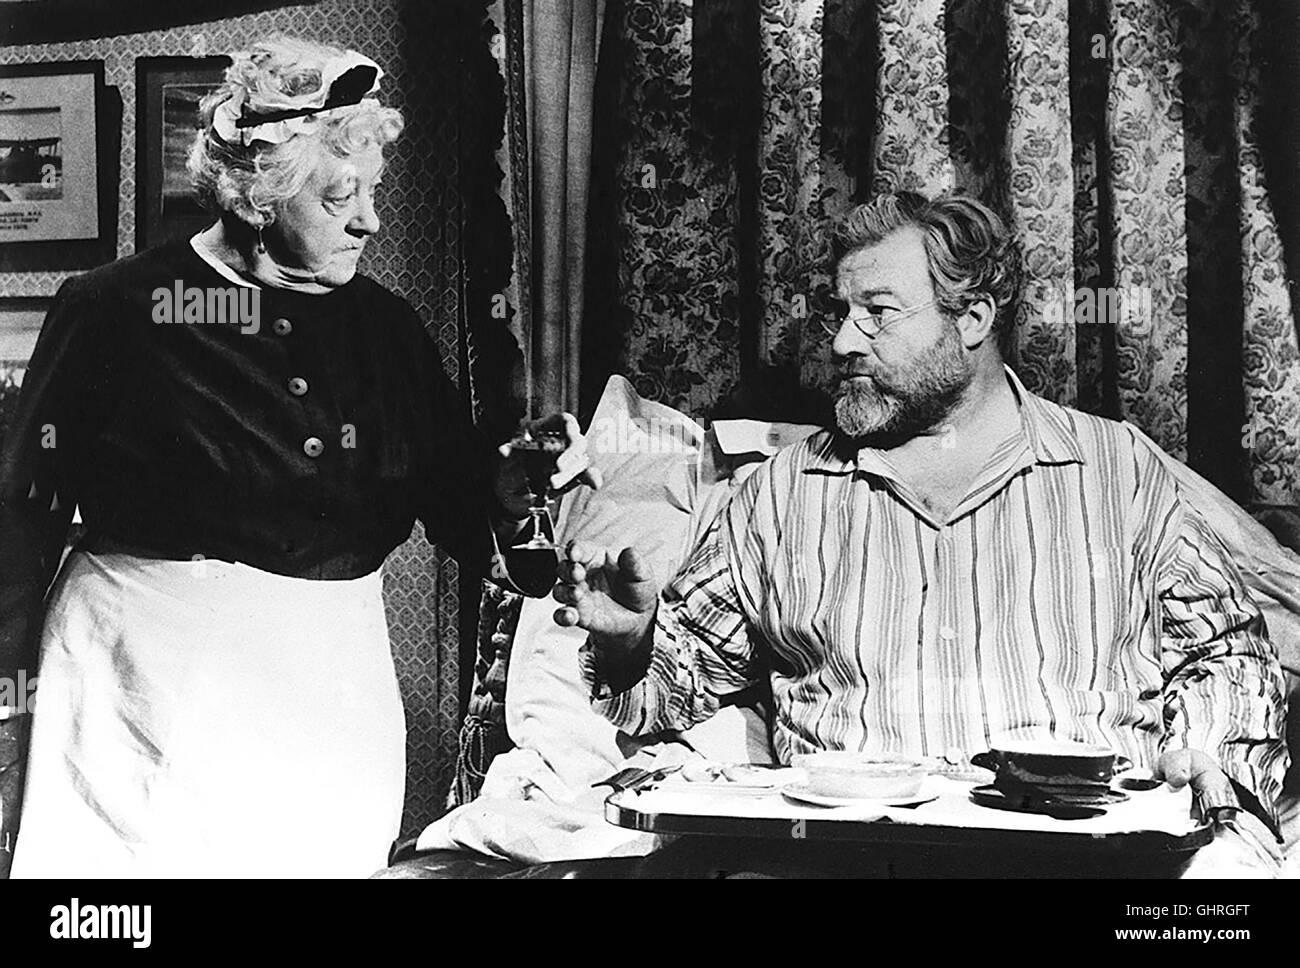 16 UHR 50 PADDINGTON Die schrullige Miss Marple hat ihren kriminalistischen Instinkt bei der Lektüre von über - Stock Image